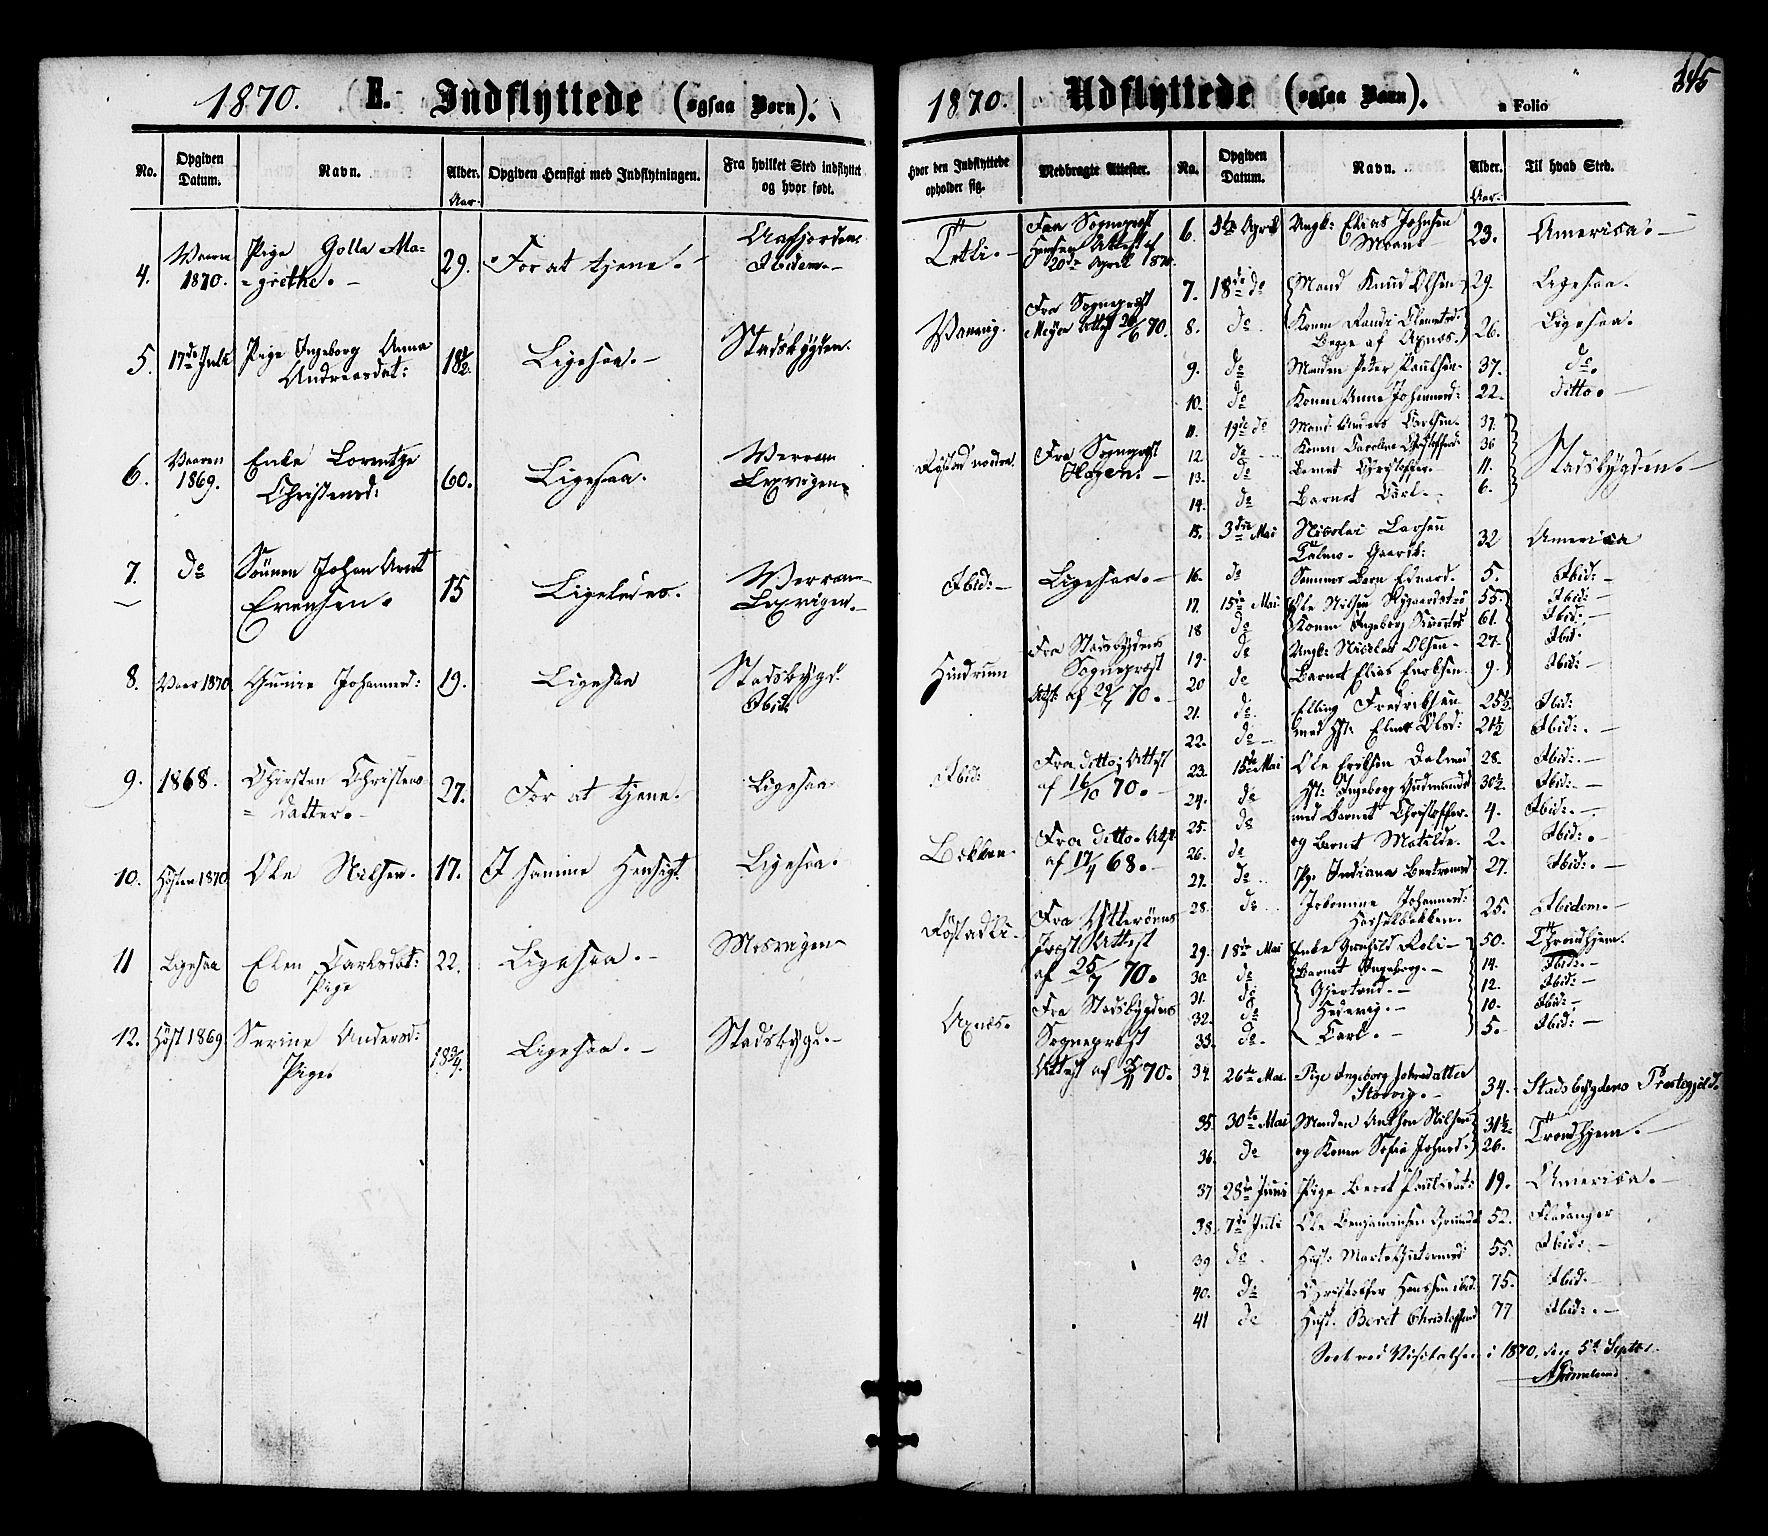 SAT, Ministerialprotokoller, klokkerbøker og fødselsregistre - Nord-Trøndelag, 701/L0009: Ministerialbok nr. 701A09 /1, 1864-1882, s. 345